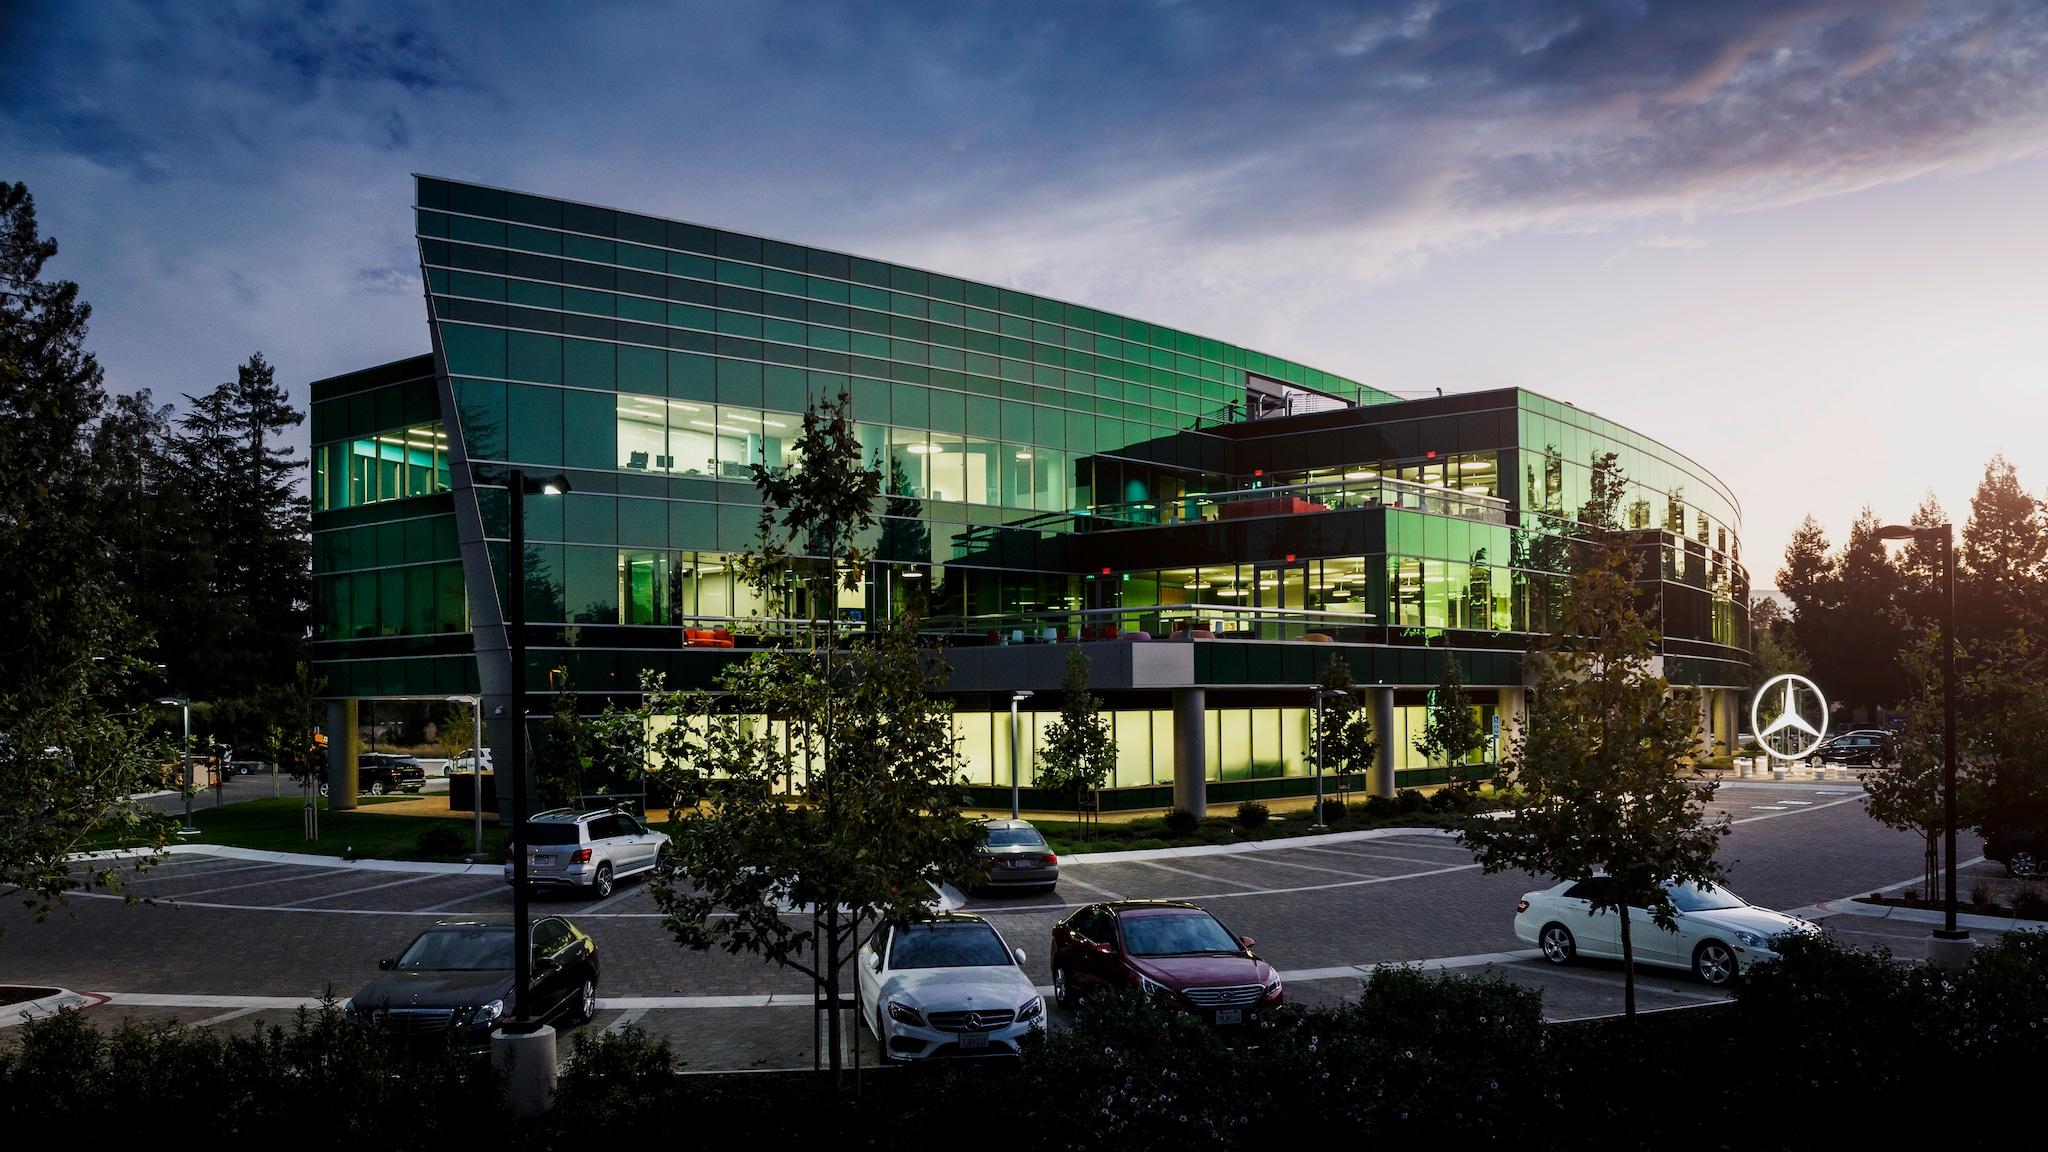 Mercedes benz vent anni nella silicon valley per studiare for Mercedes benz research development north america